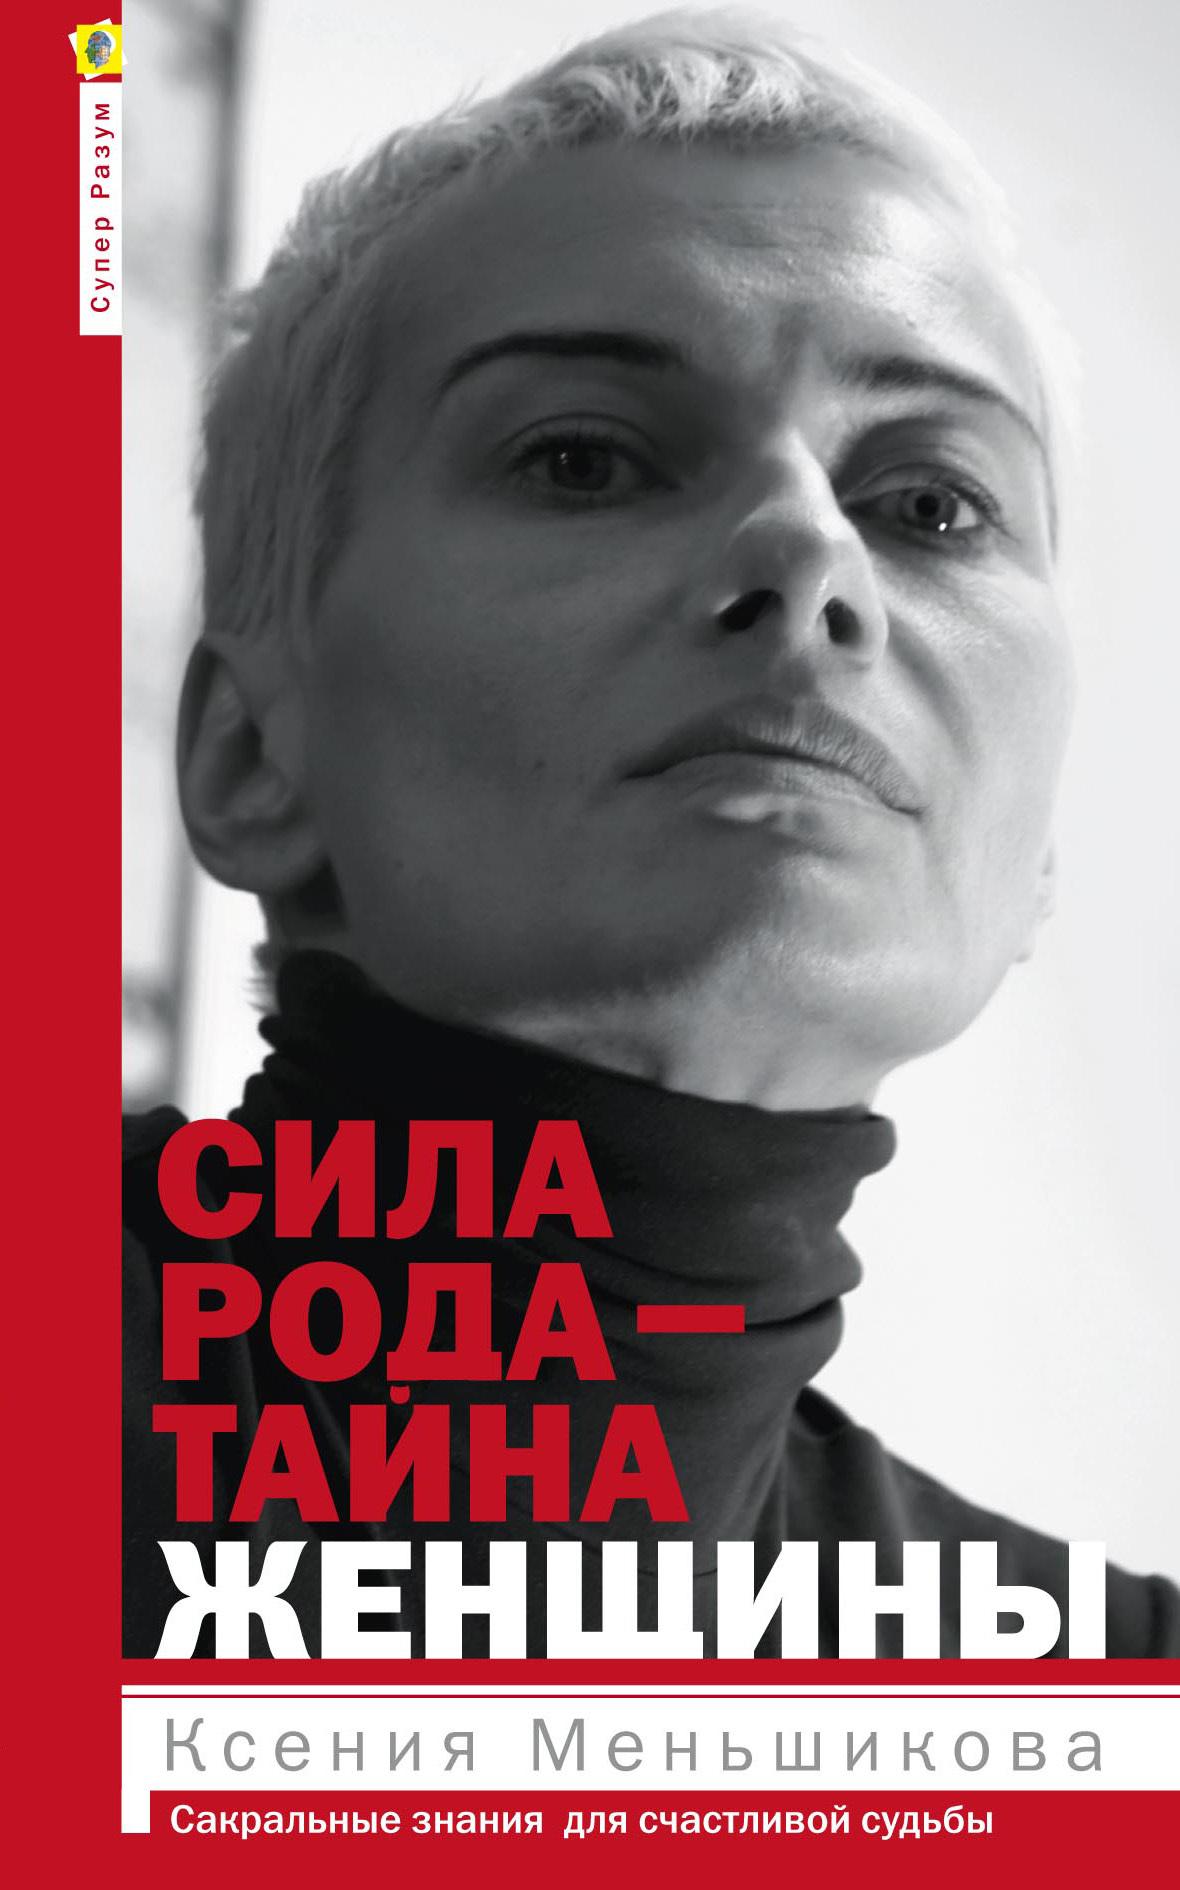 Ксения Меньшикова. Сила рода – тайна женщины. Сакральные знания для счастливой судьбы